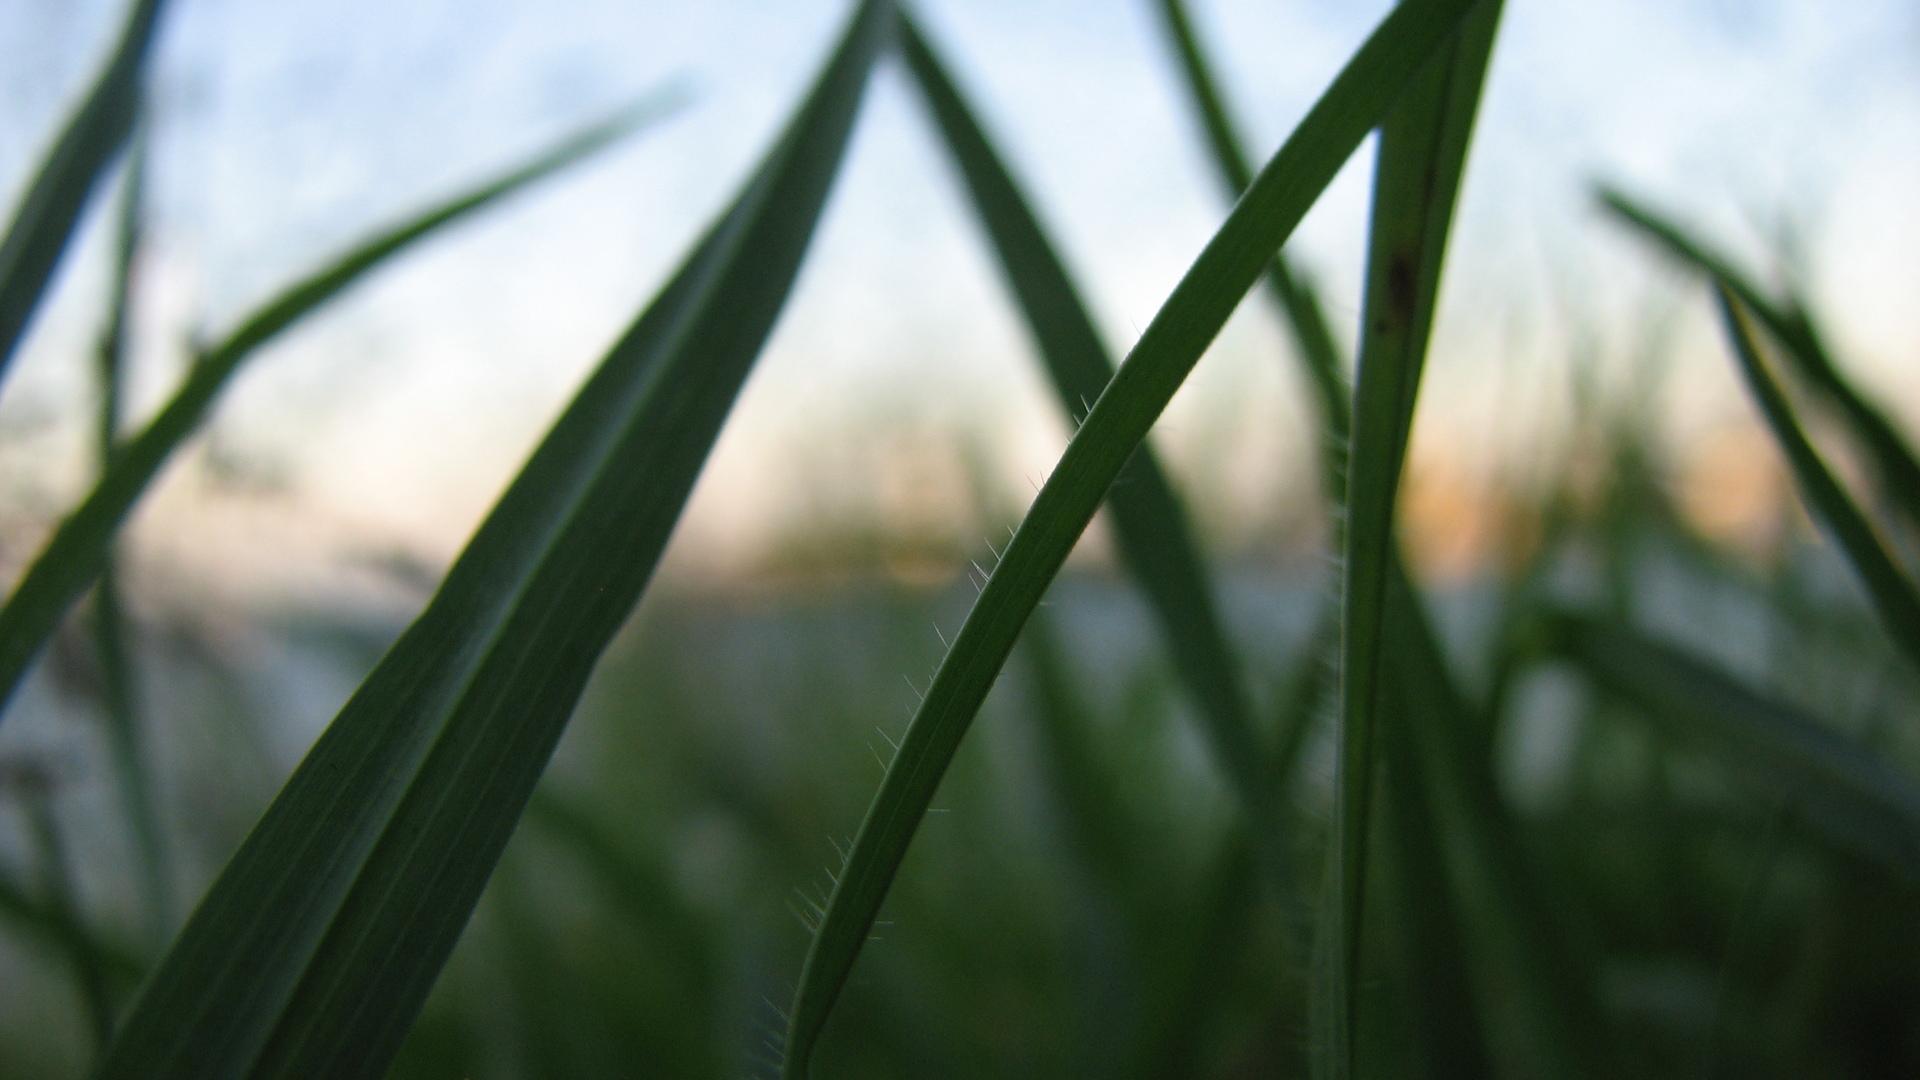 grass-always-greener-1169144-1920x1080